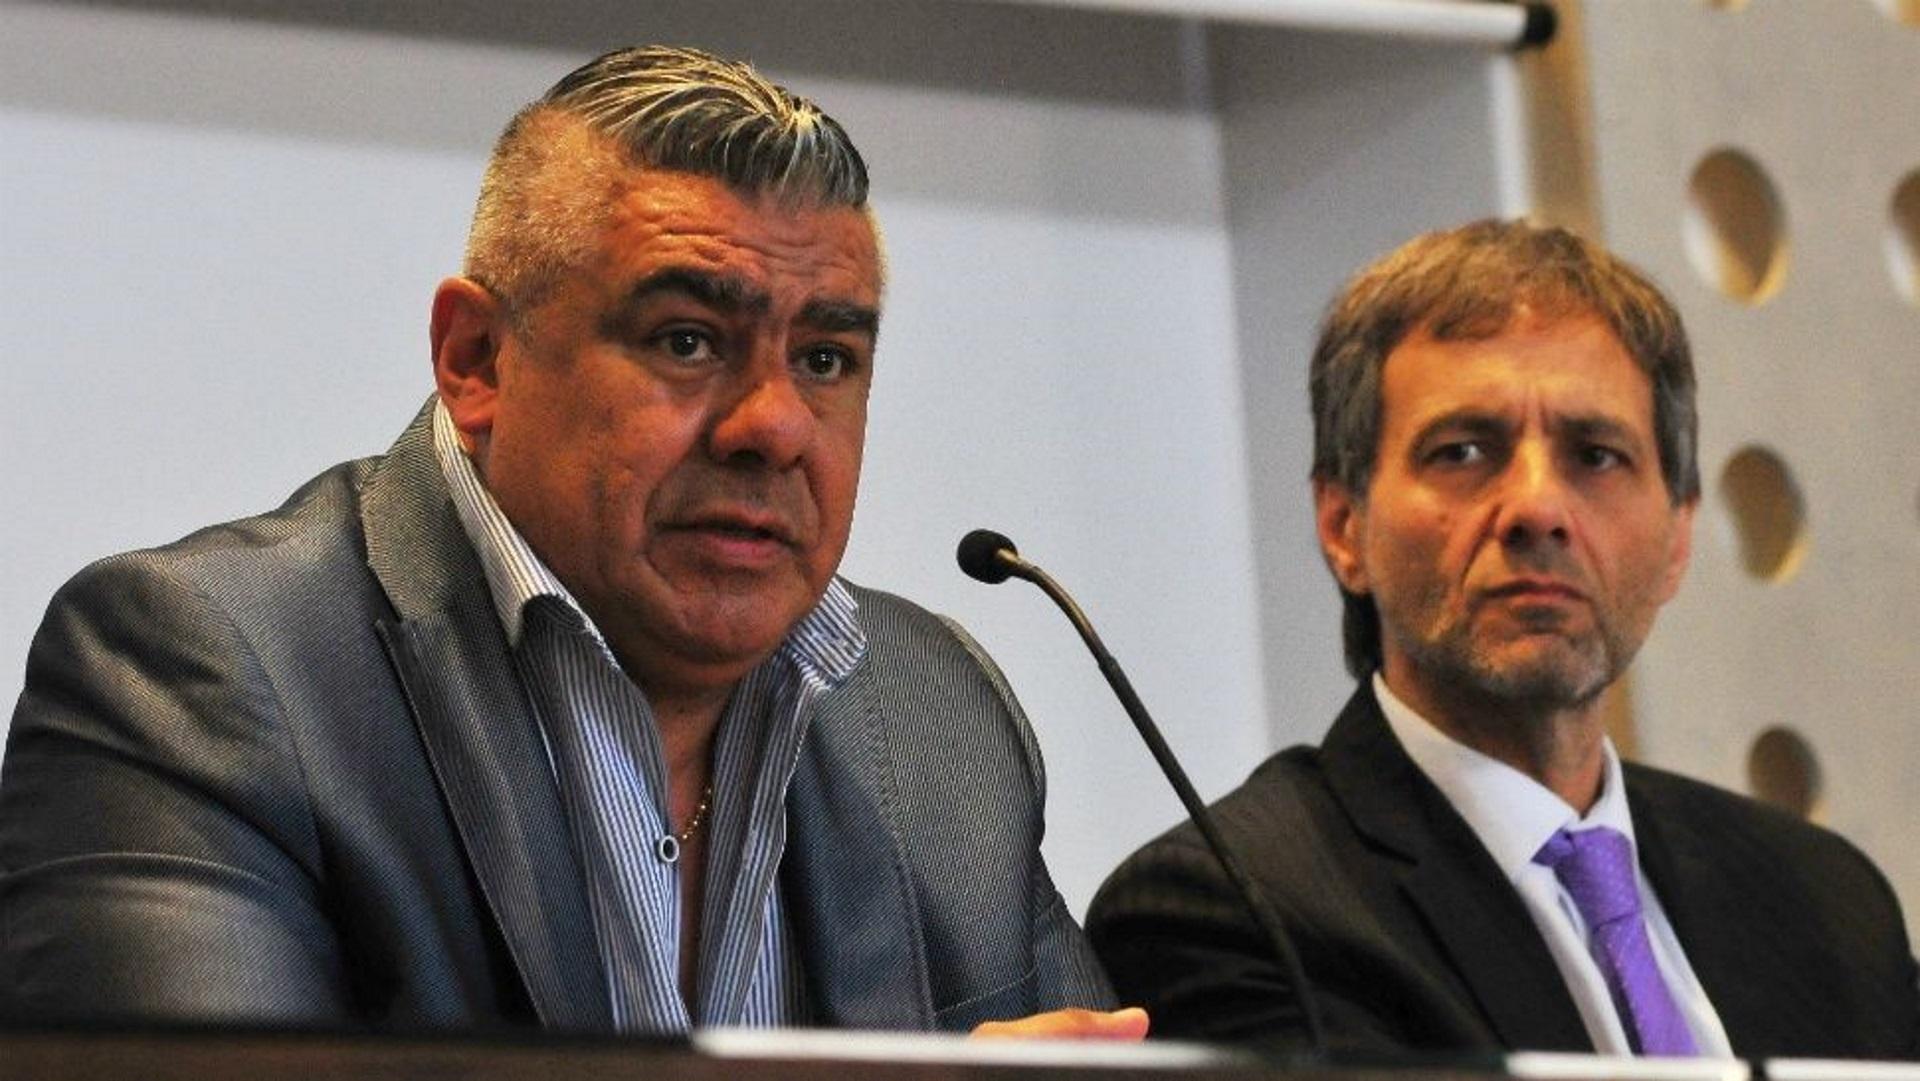 El presidente Claudio Tapia, junto a Taraborrelli, en el salón del tercer piso de la AFA